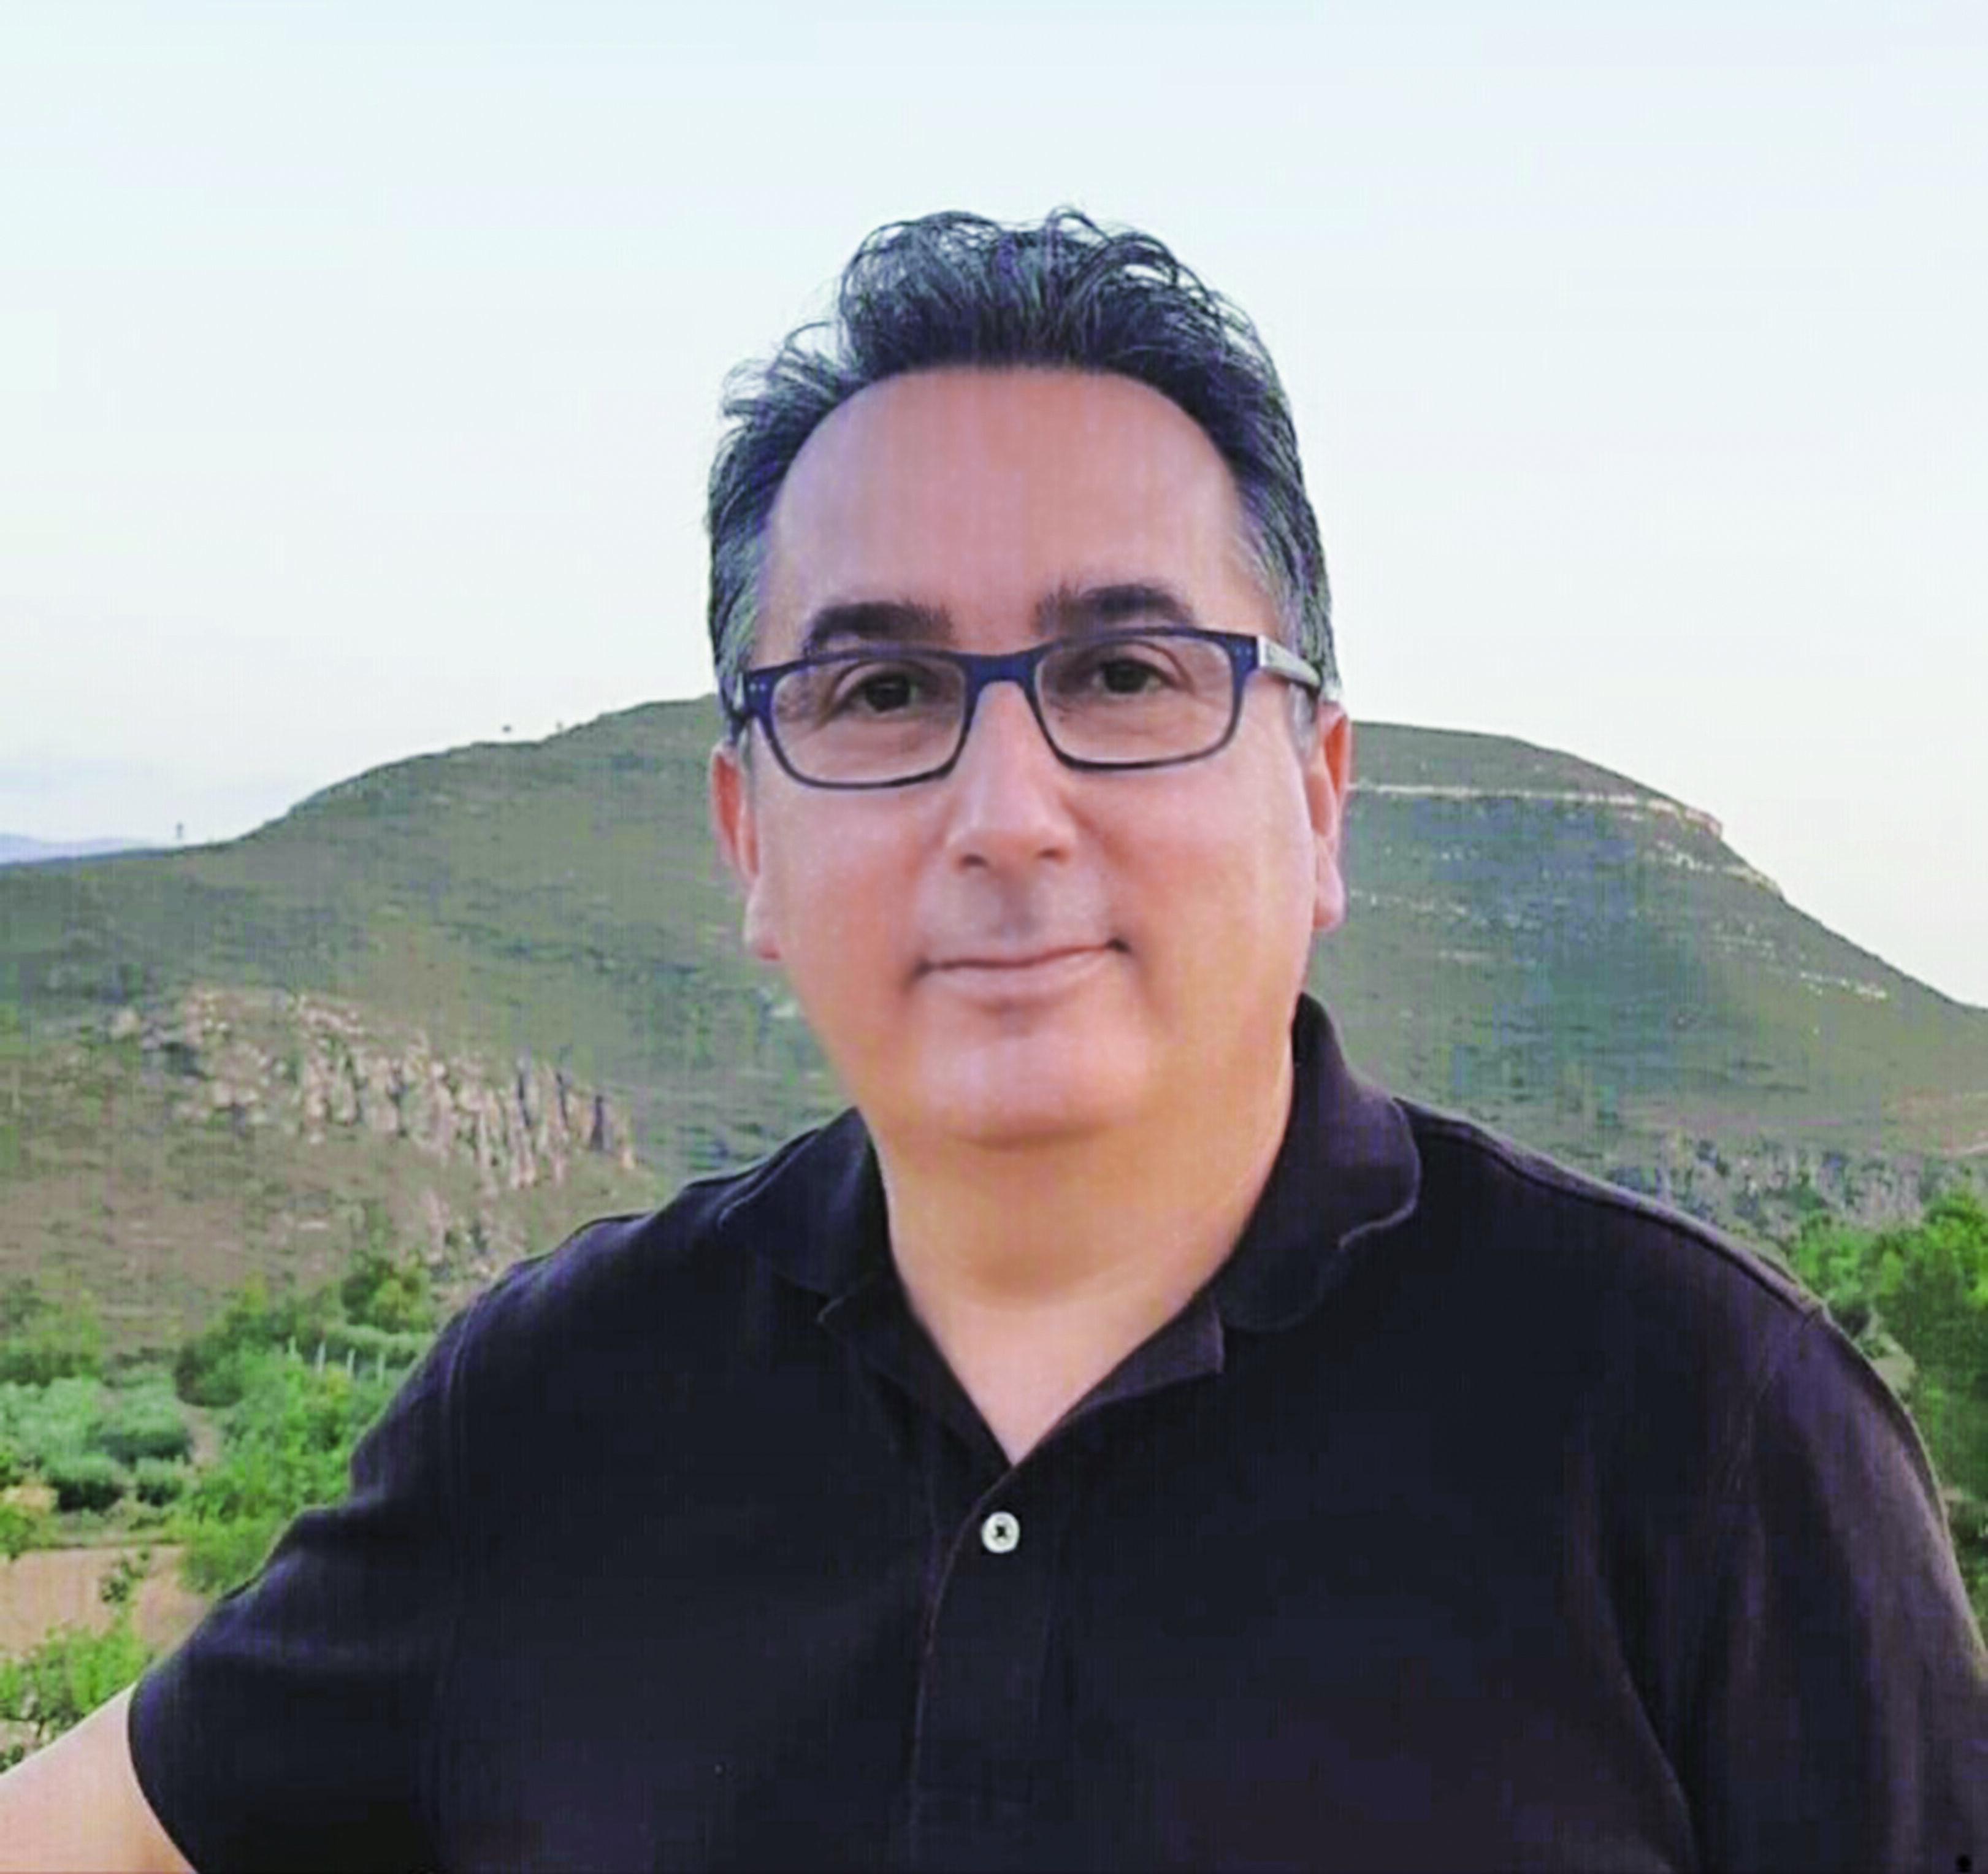 MiguelTortola